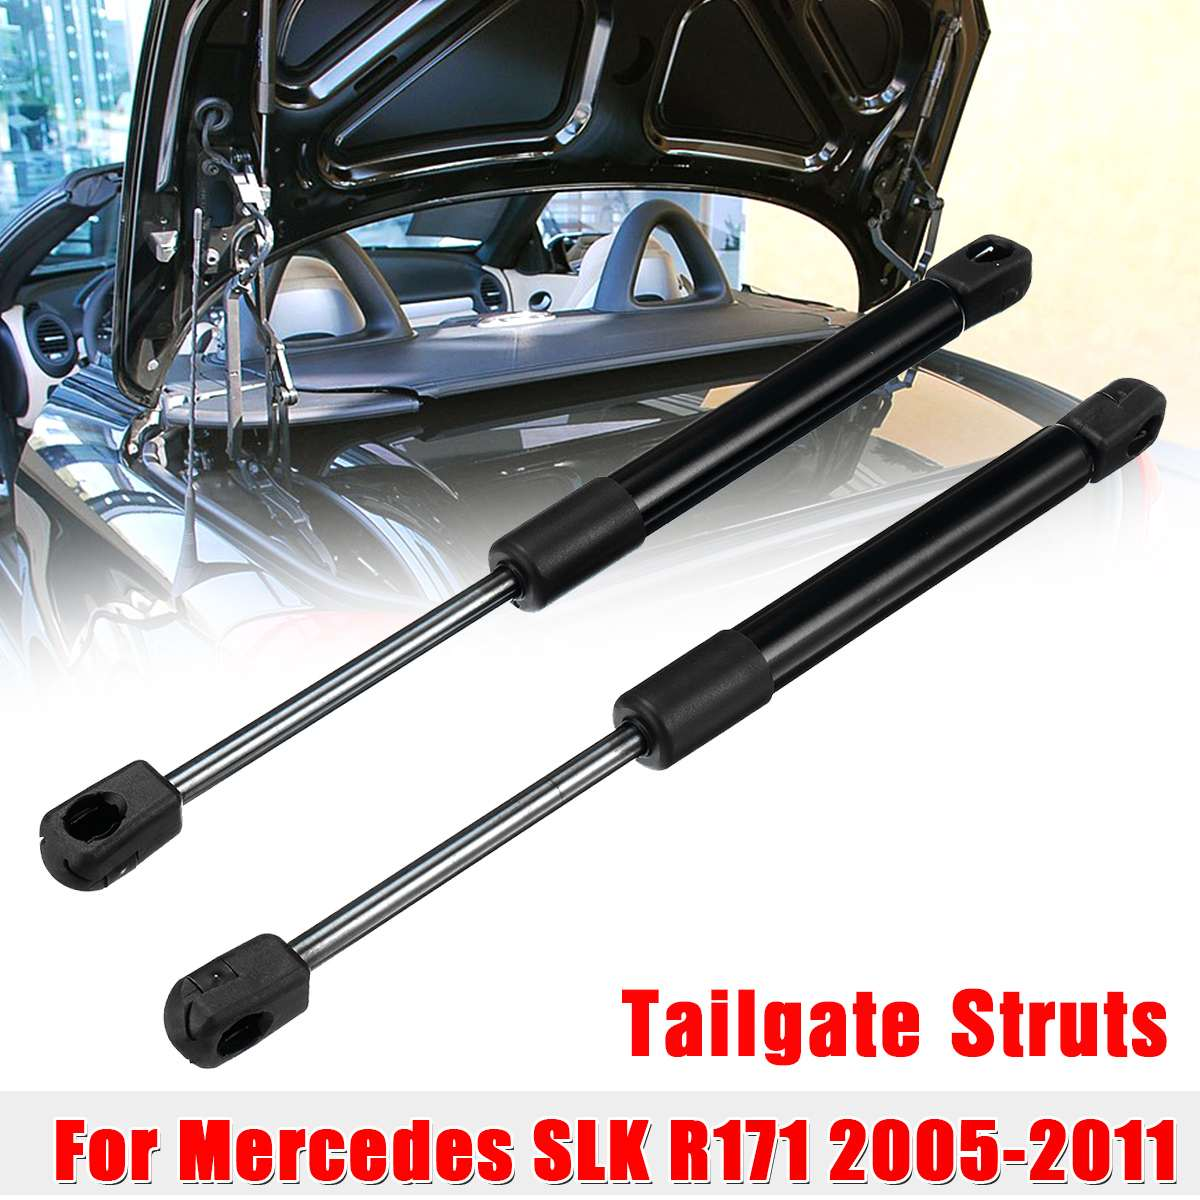 2X tylny bagażnik klapa tylna sprężyna gazowa Shock Lift Strut Struts Support Bar 1717500036 dla mercedesa dla Benz SLK R171 2005-2011